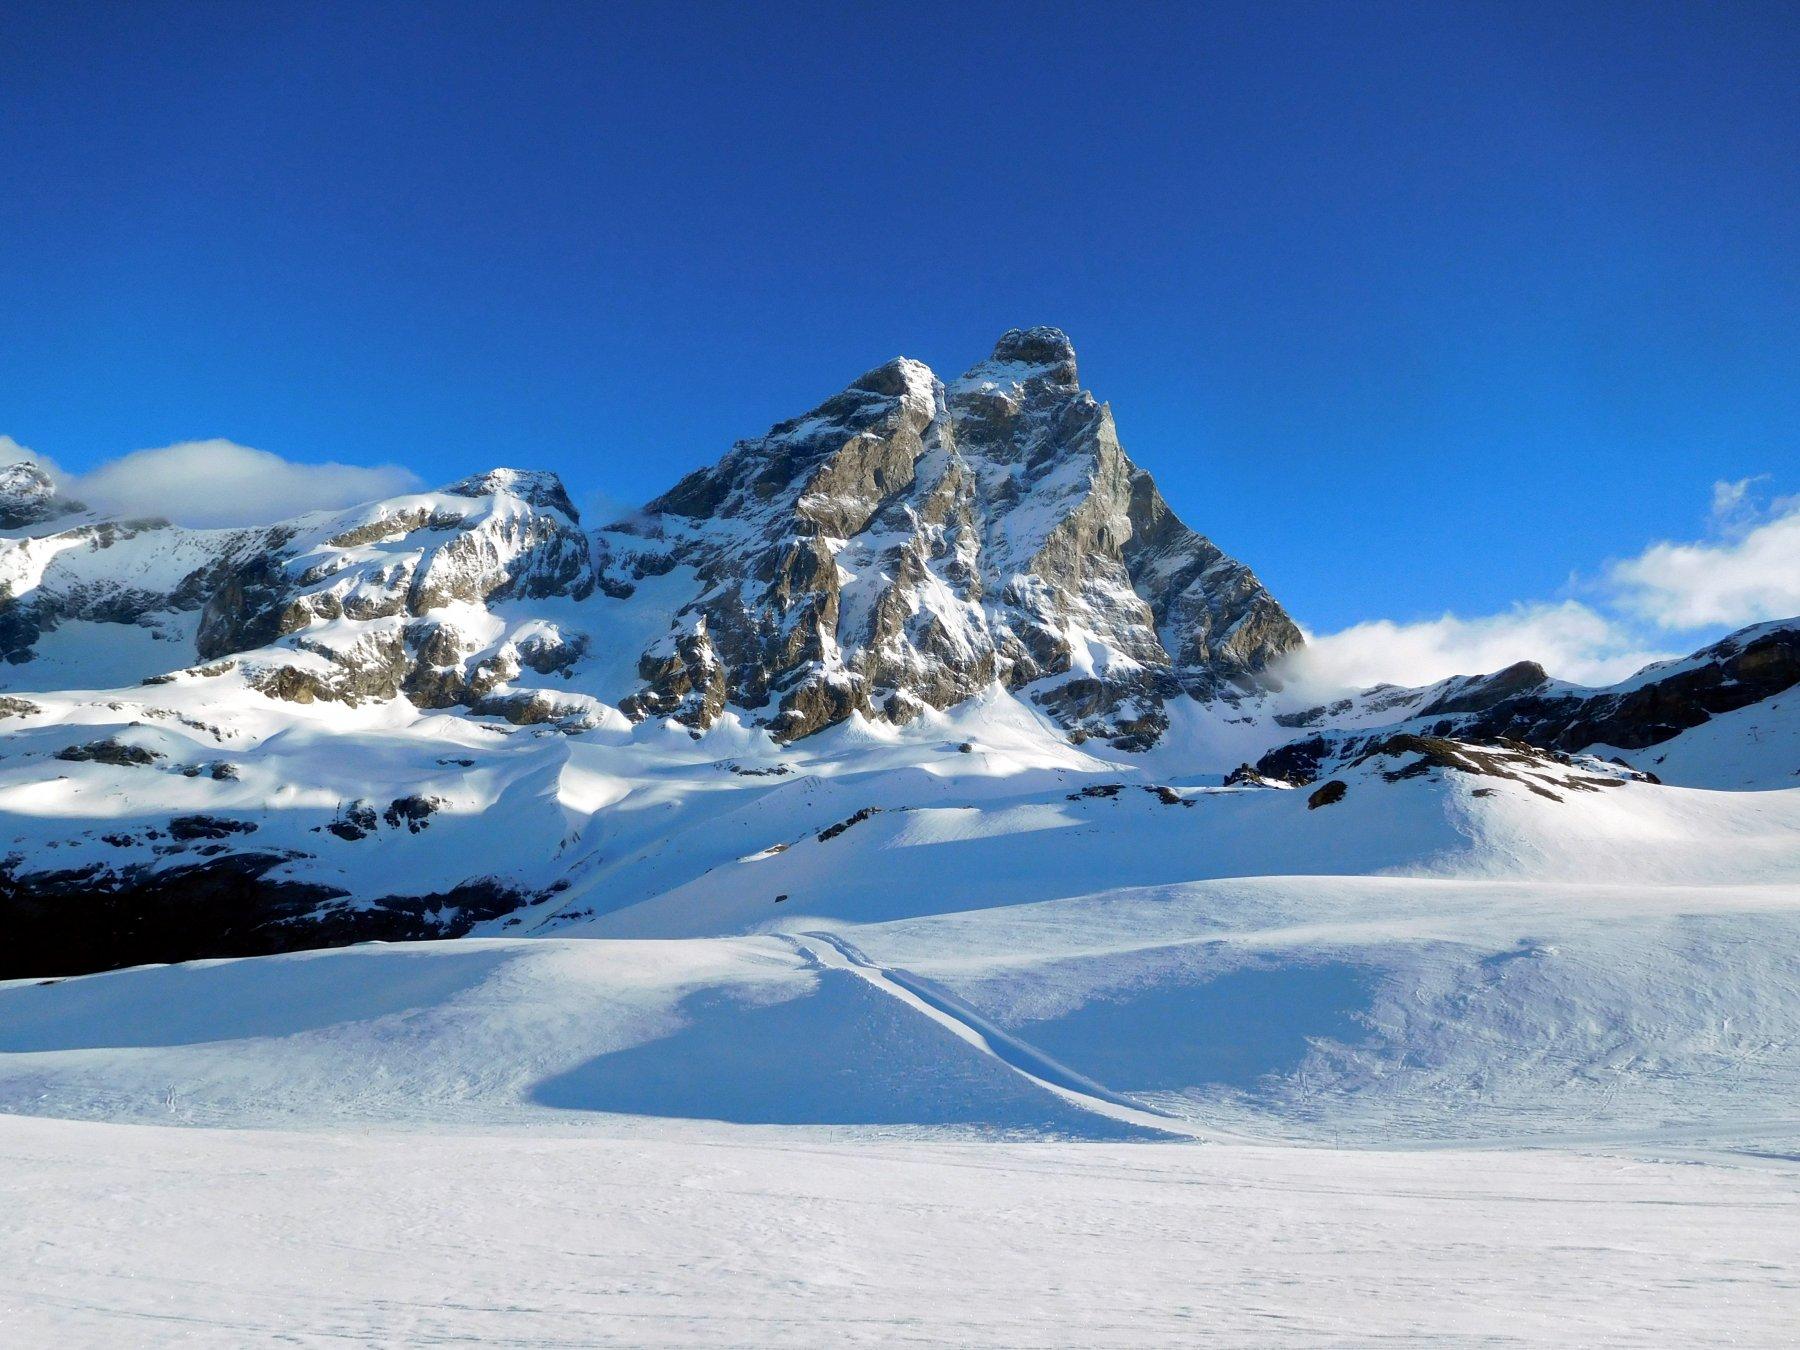 omaggio ad una delle montagne più belle